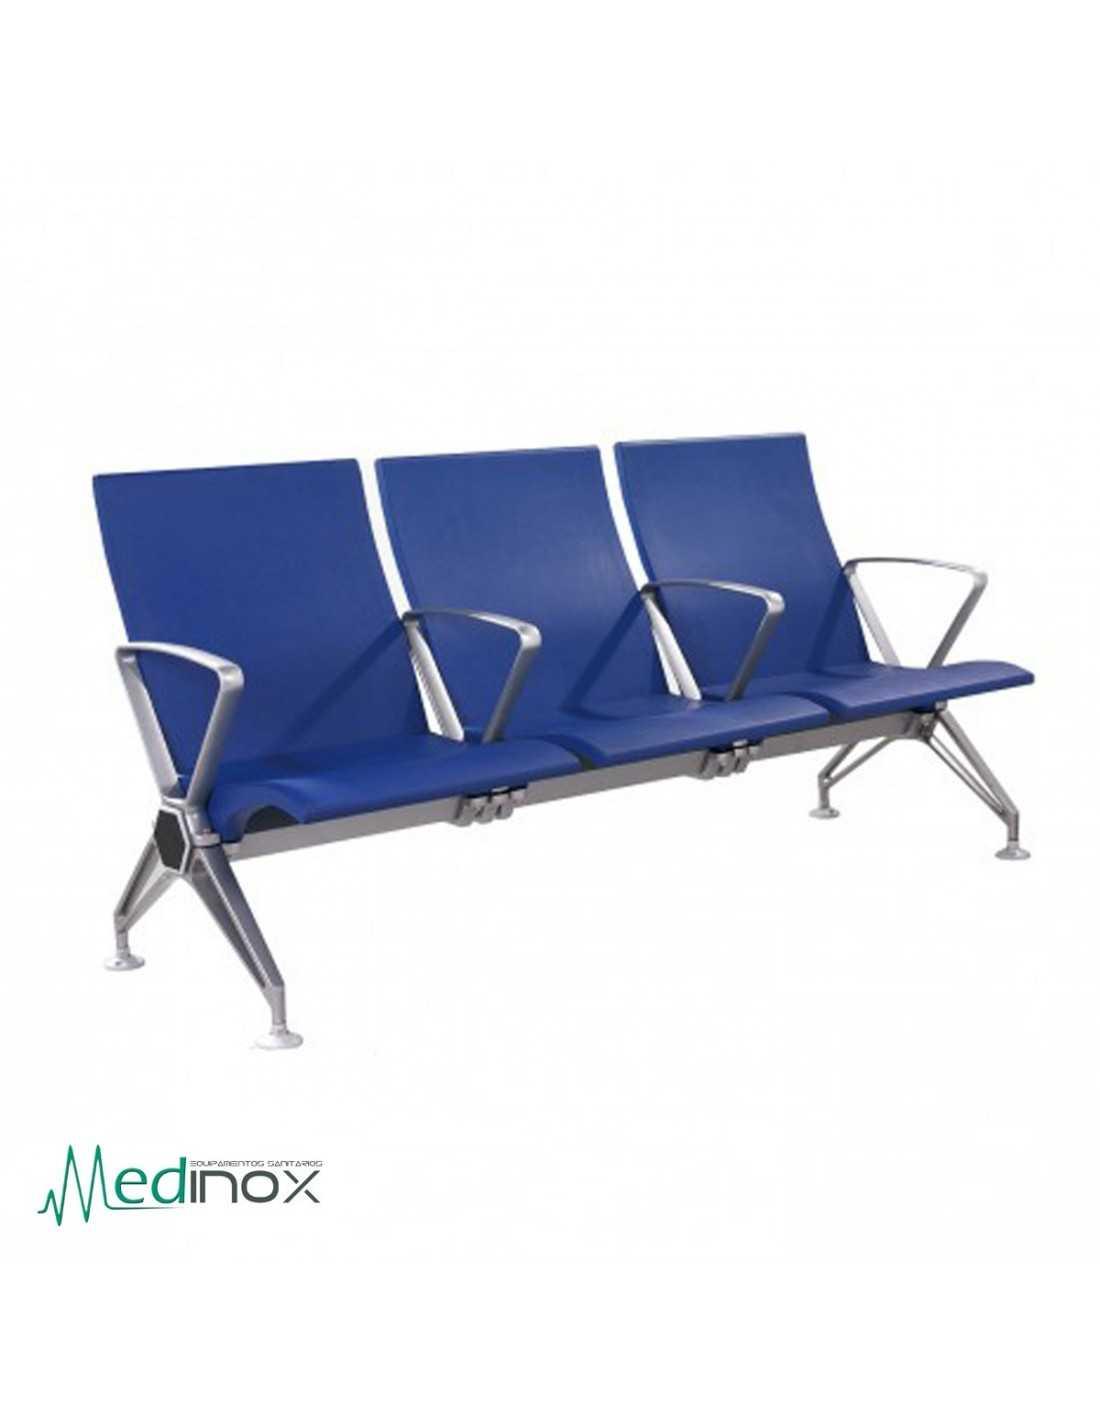 Sillas sala espera rlhak3 3 bancadas con brazos para clinicas for Sillas sala de espera